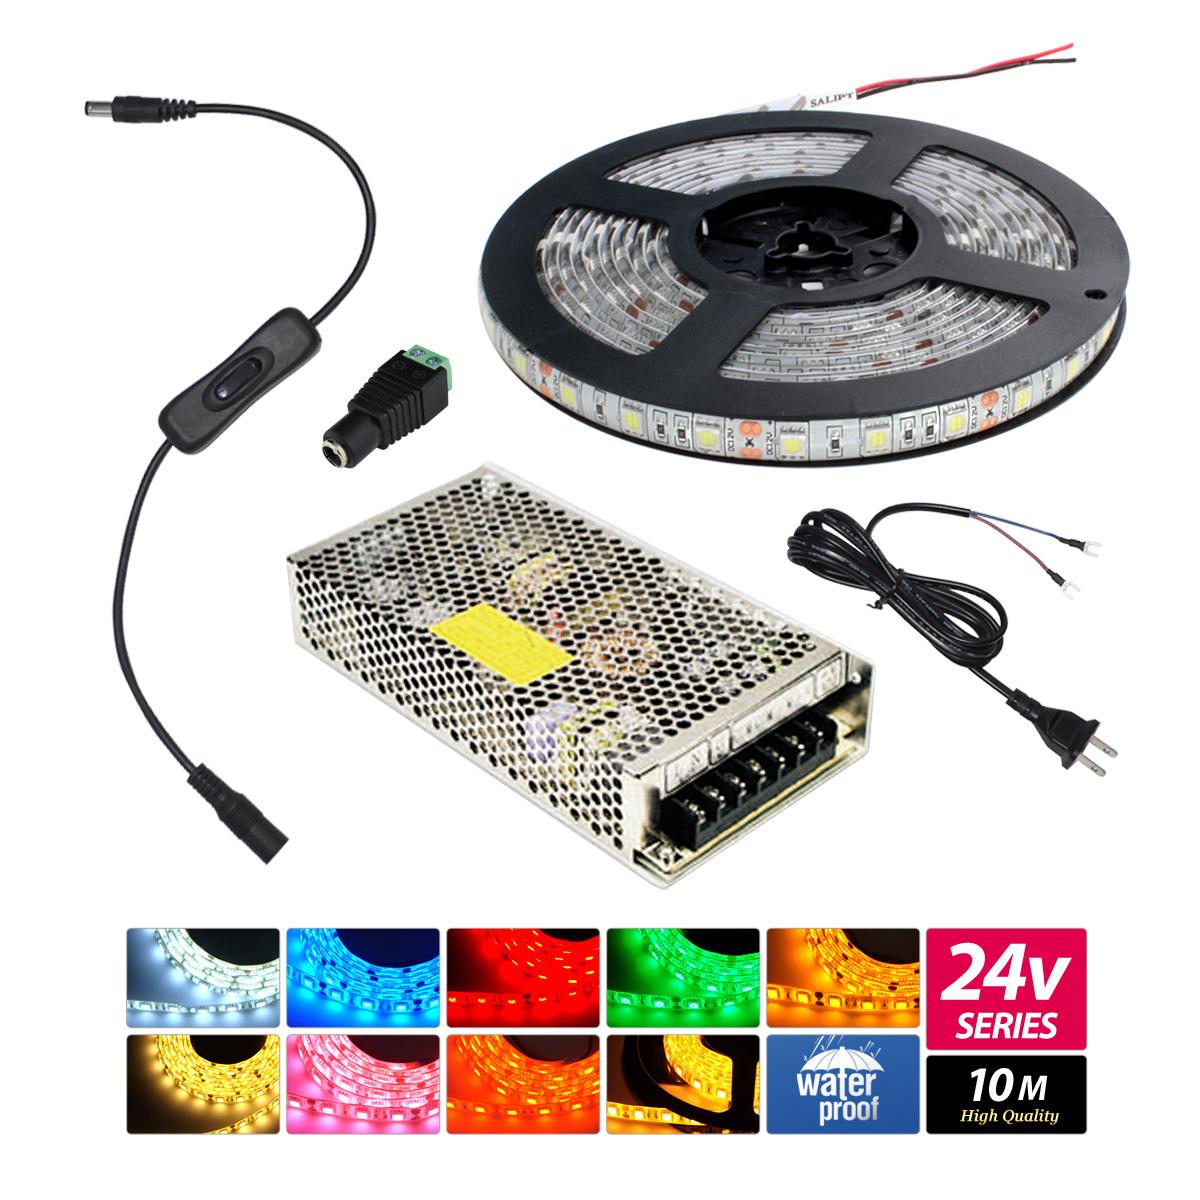 【10m】 防水 24V LEDテープライト3チップ 1本セット [AC100V-DC24V]